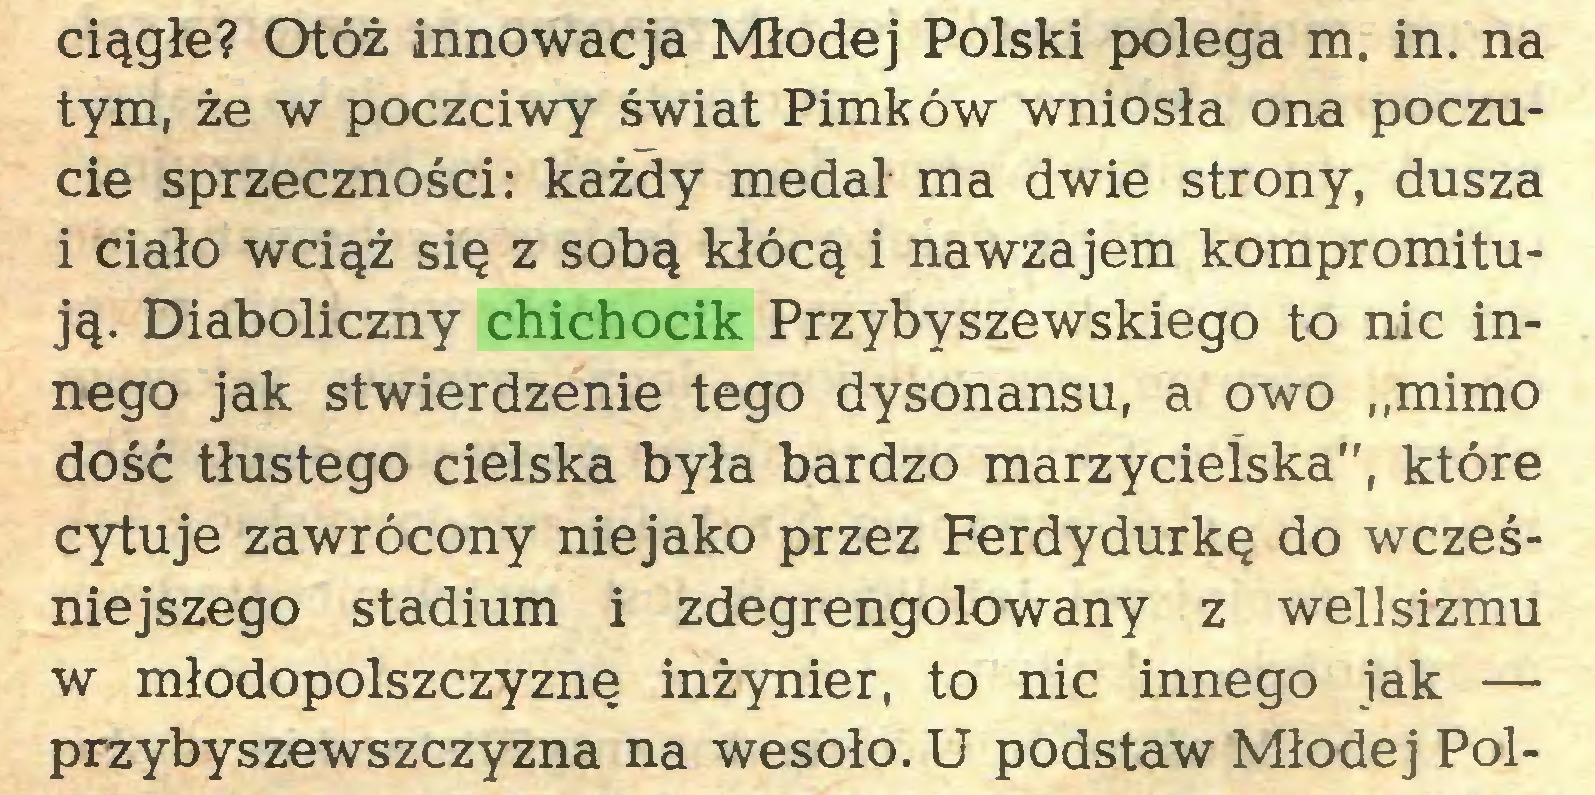 """(...) ciągłe? Otóż innowacja Młodej Polski polega m. in. na tym, że w poczciwy świat Pimków wniosła ona poczucie sprzeczności: każdy medal ma dwie strony, dusza i ciało wciąż się z sobą kłócą i nawzajem kompromitują. Diaboliczny chichocik Przybyszewskiego to nic innego jak stwierdzenie tego dysonansu, a owo ,,mimo dość tłustego cielska była bardzo marzycielska"""", które cytuje zawrócony niejako przez Ferdydurkę do wcześniejszego stadium i zdegrengolowany z wellsizmu w młodopolszczyznę inżynier, to nic innego jak — przybyszewszczyzna na wesoło. U podstaw Młodej Pol..."""